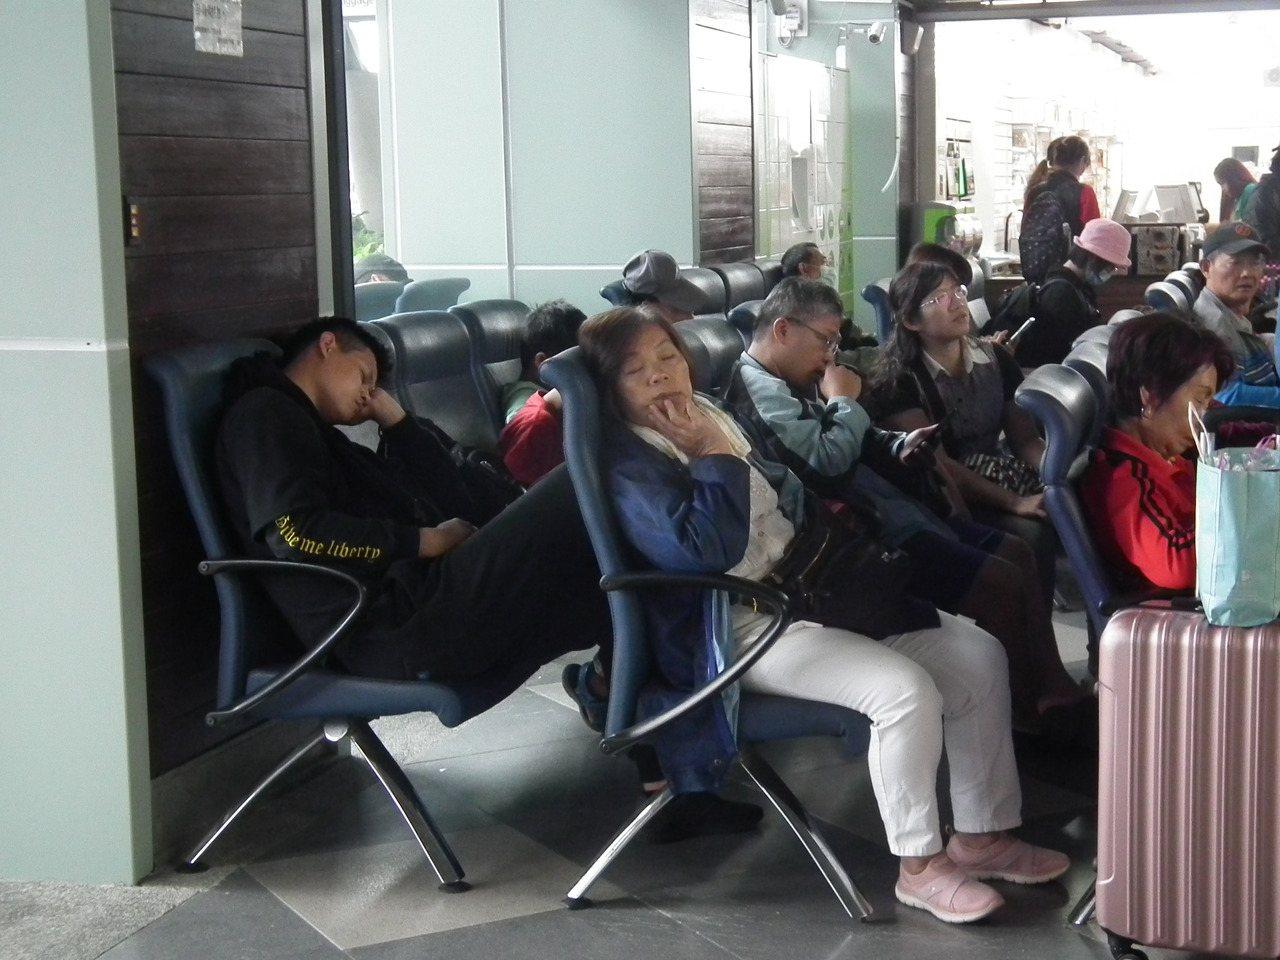 由于许多班次火车误点,台东火车站大厅内休息区坐满无奈的苦等旅客,有人趁漫长的等待...